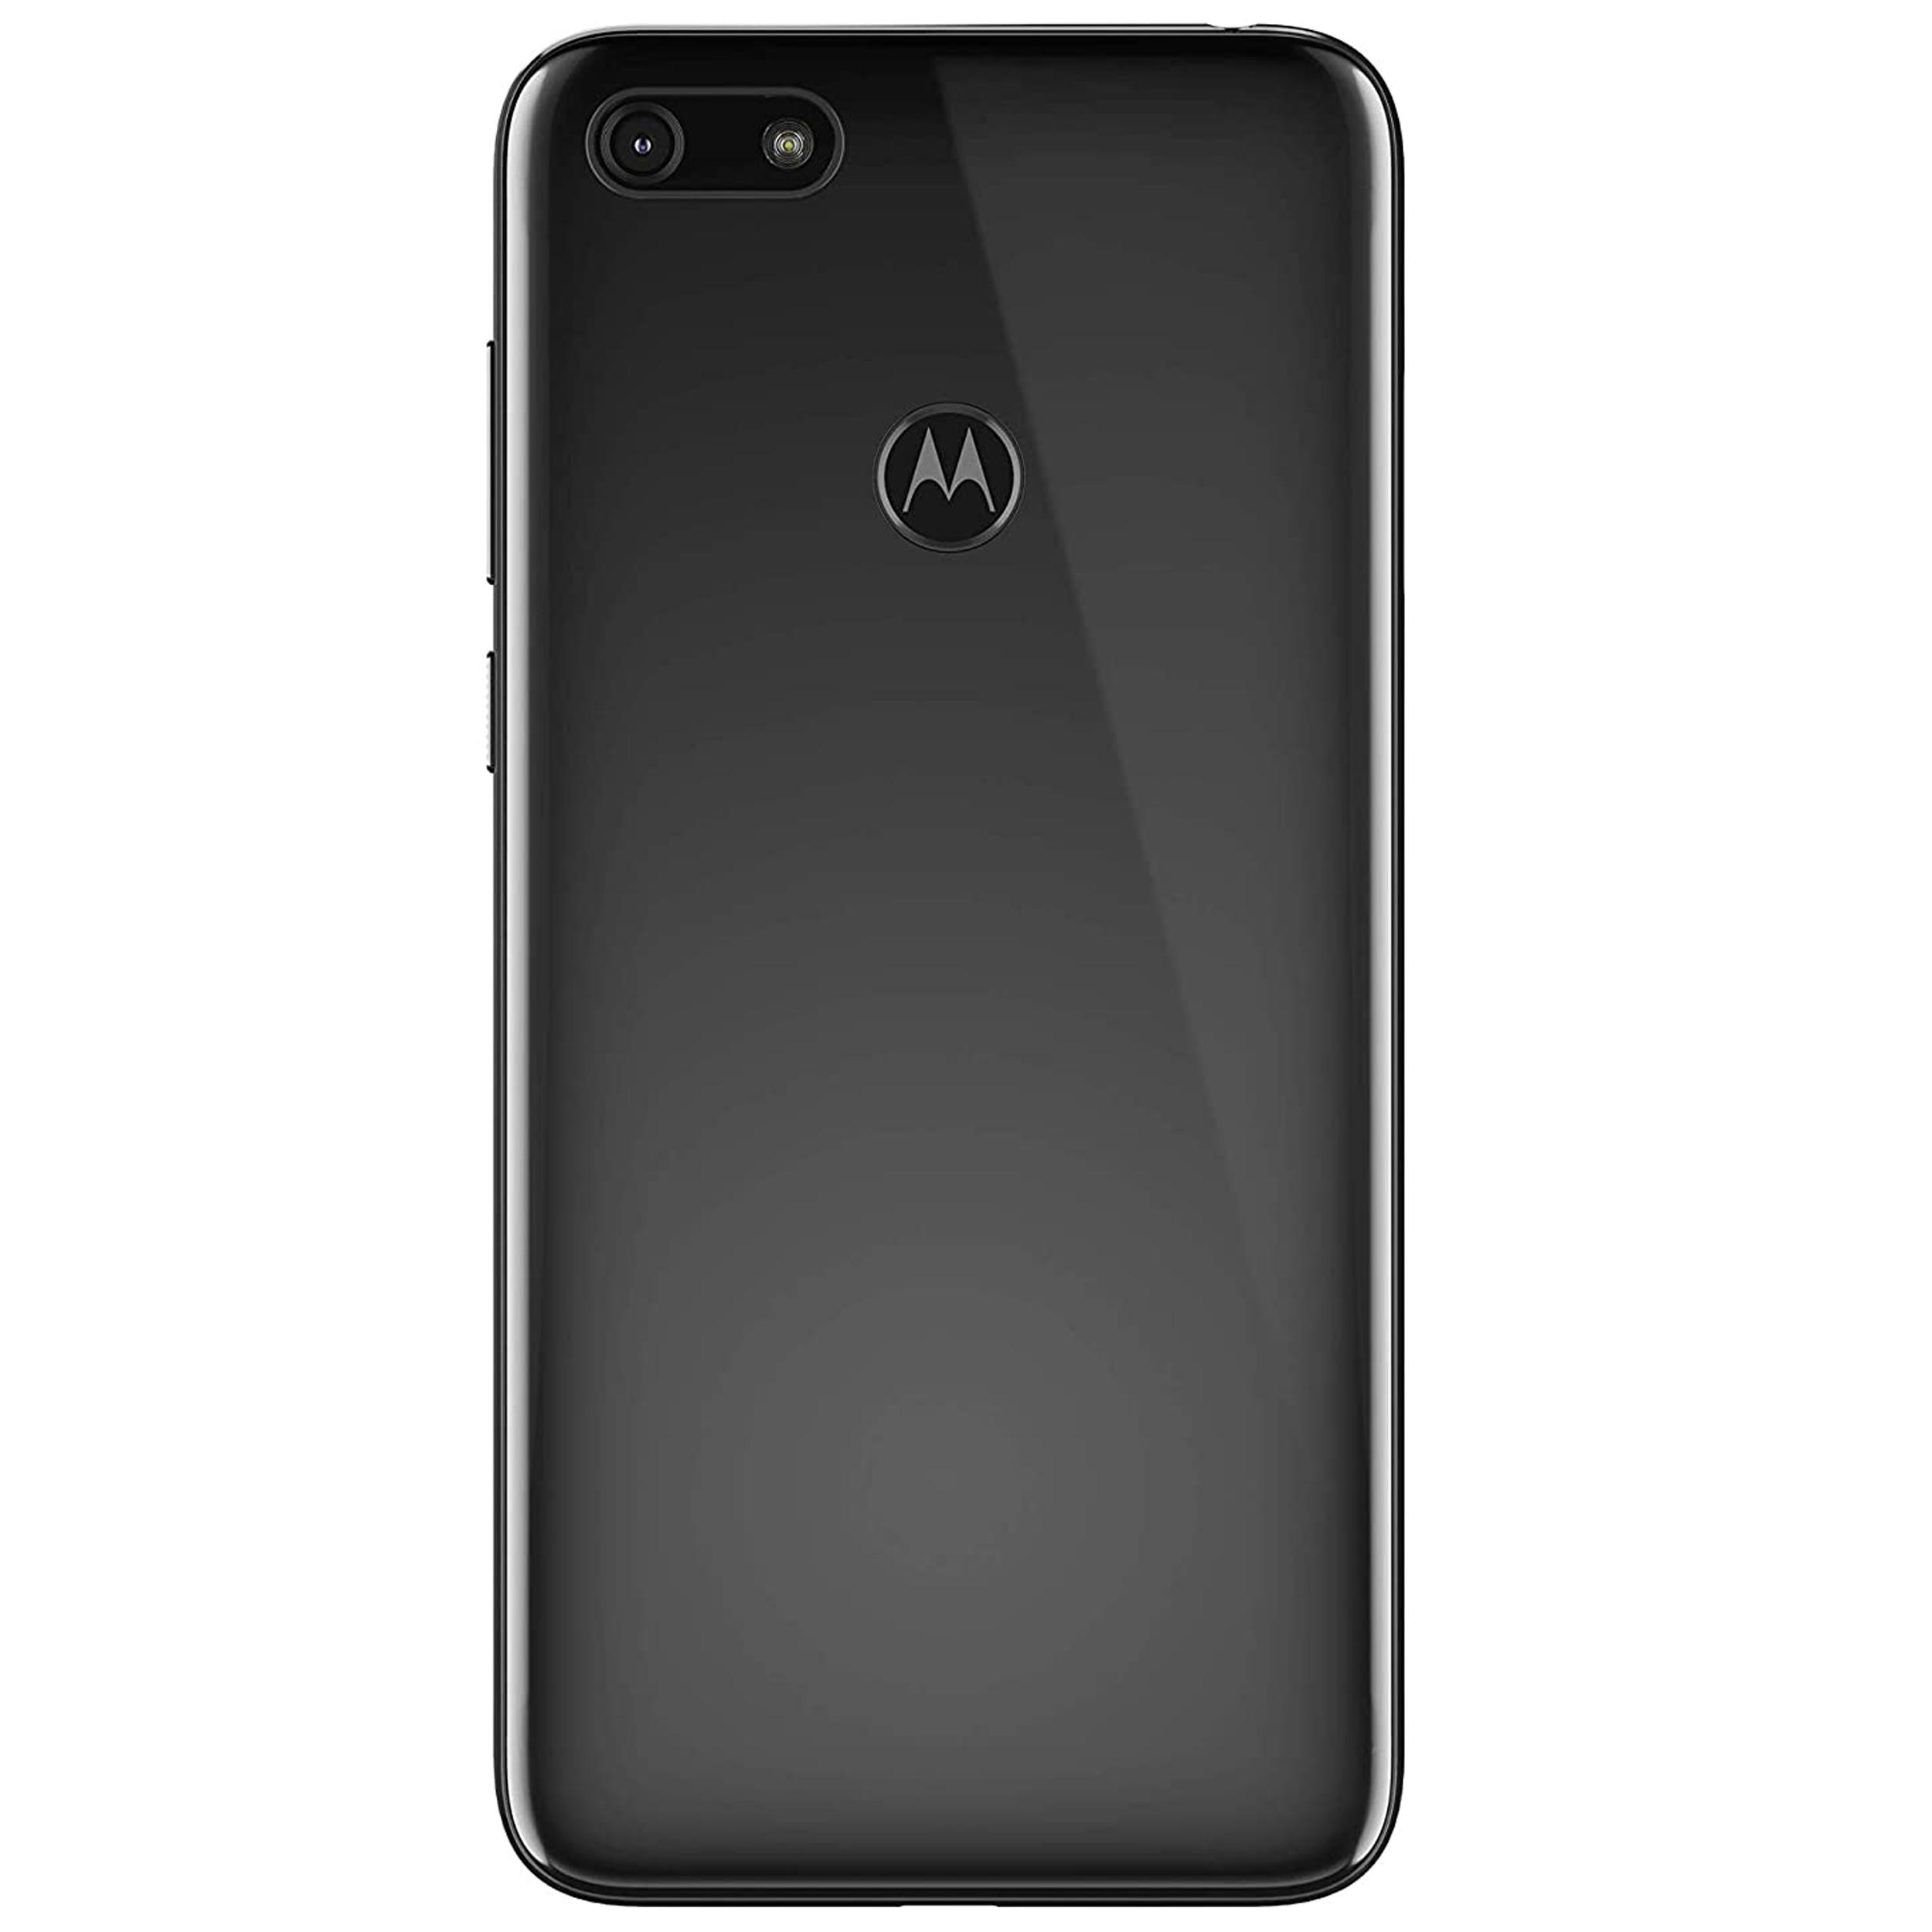 گوشی موبایل موتورولا مدل Moto E6 Play XT2029-2 دو سیم کارت ظرفیت 32 گیگابایت  main 1 4